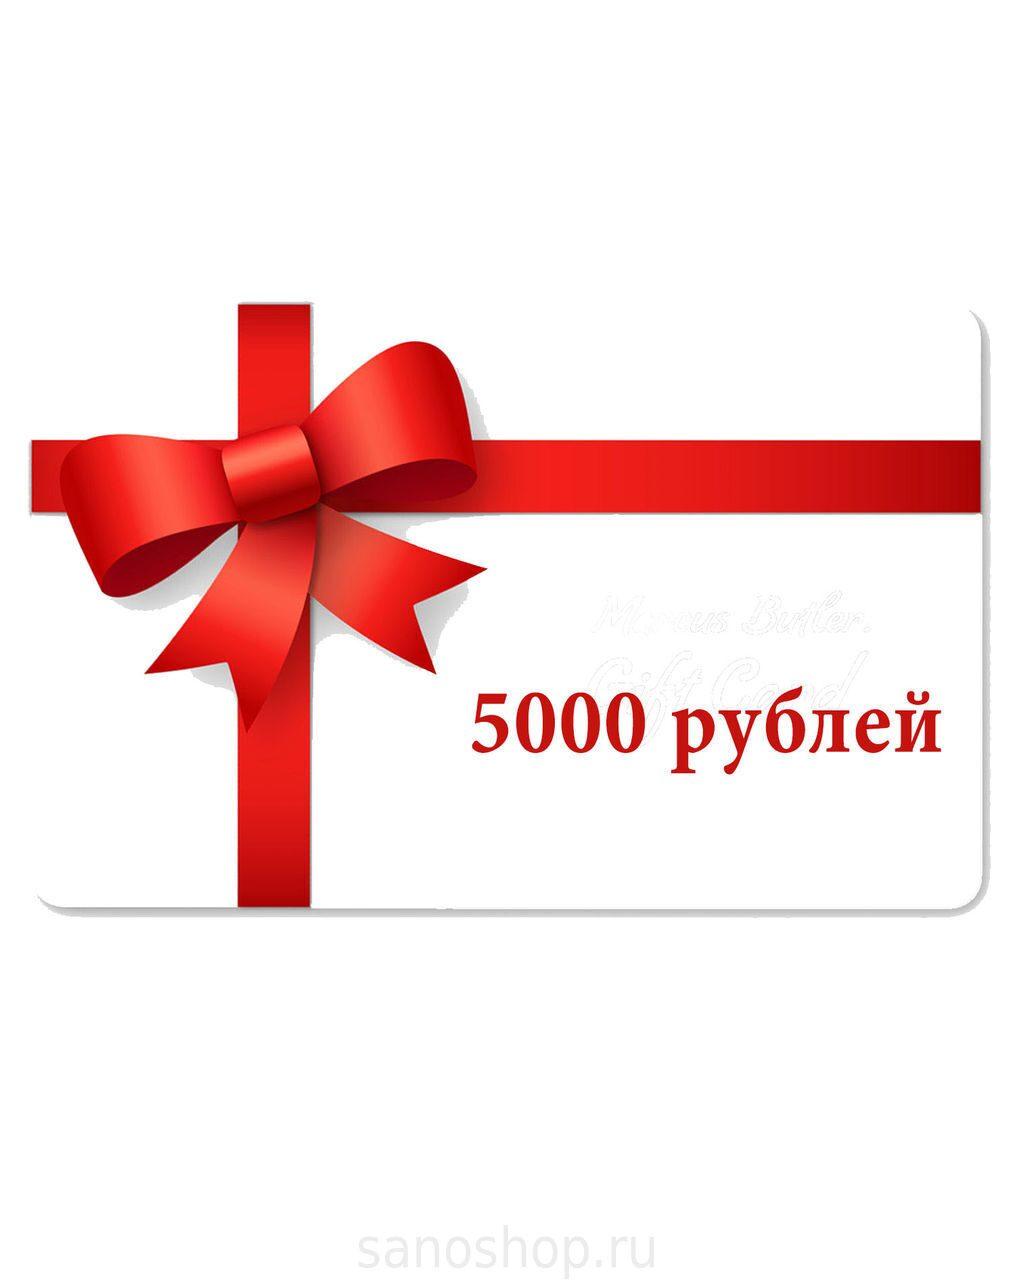 Купить подарок до 5000 рублей в интернет-магазине, подарки от 3000 до 30